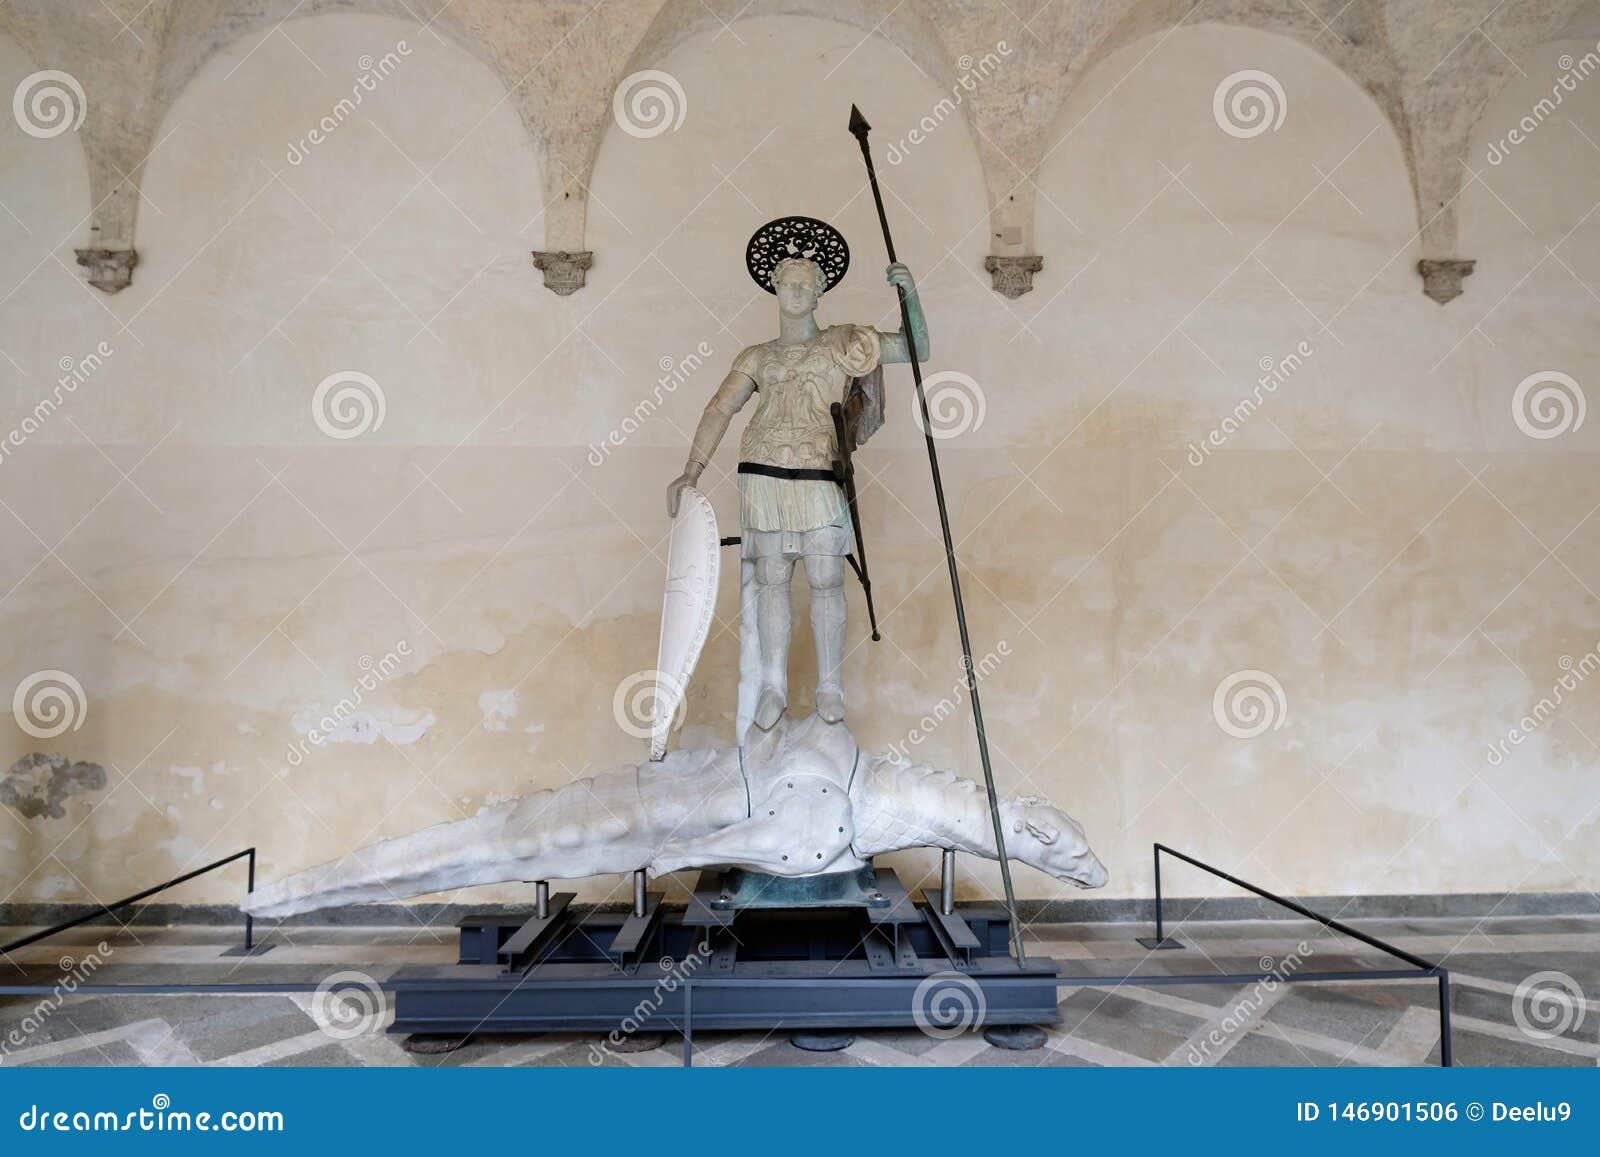 Statua di Sain Theodore nel cortile del palazzo ducale a Venezia, Italia